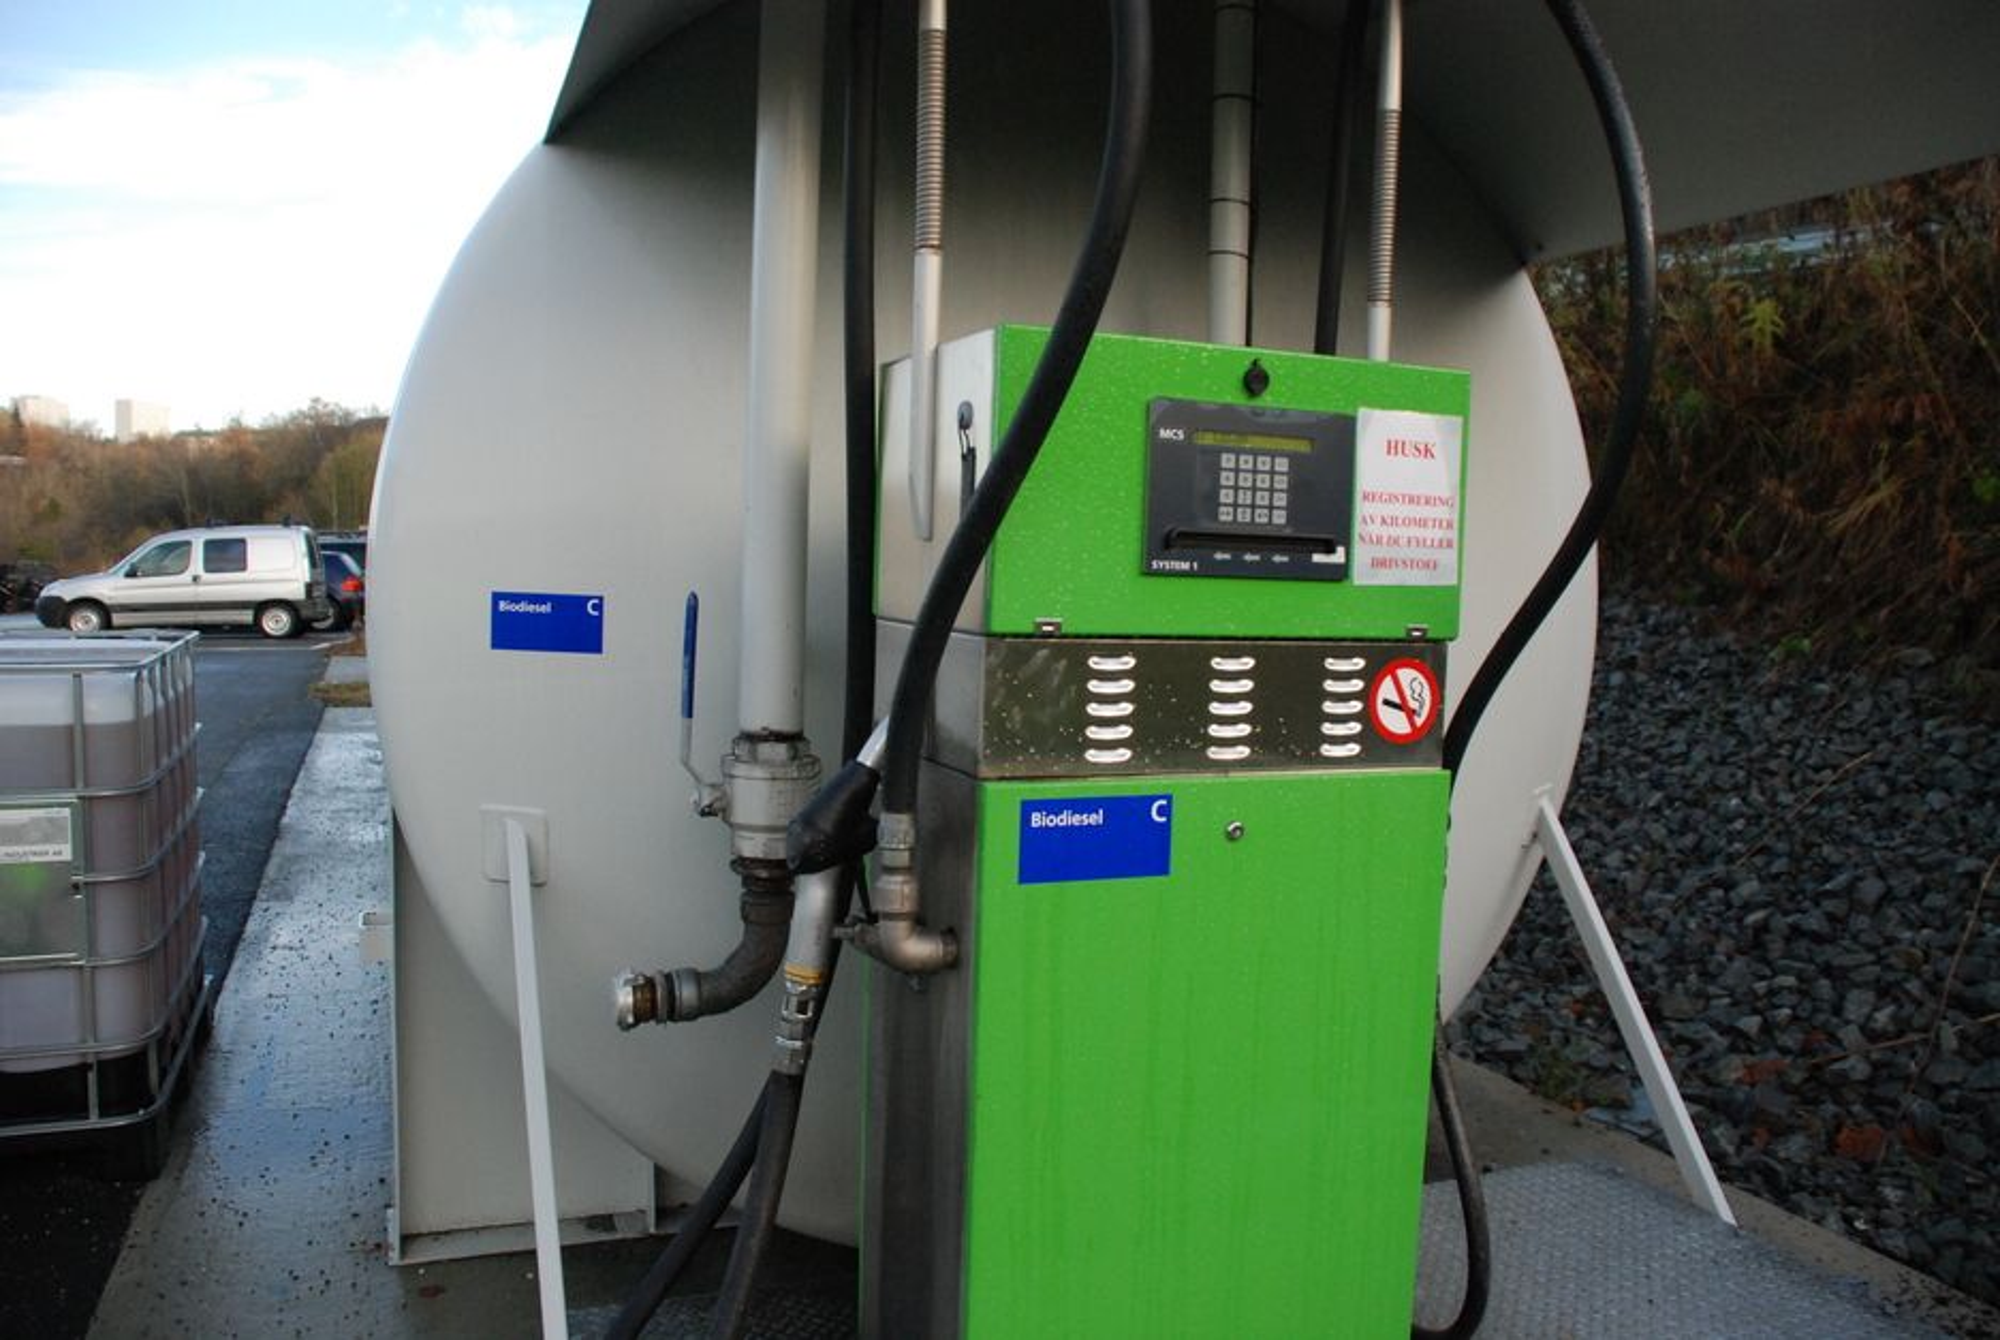 GRØNT PÅ TANKEN: 17 tunge lastebiler kjører på ren biodiesel i Trondheim bydrift. Flere av sjåførene får hodepine og blir kvalme.